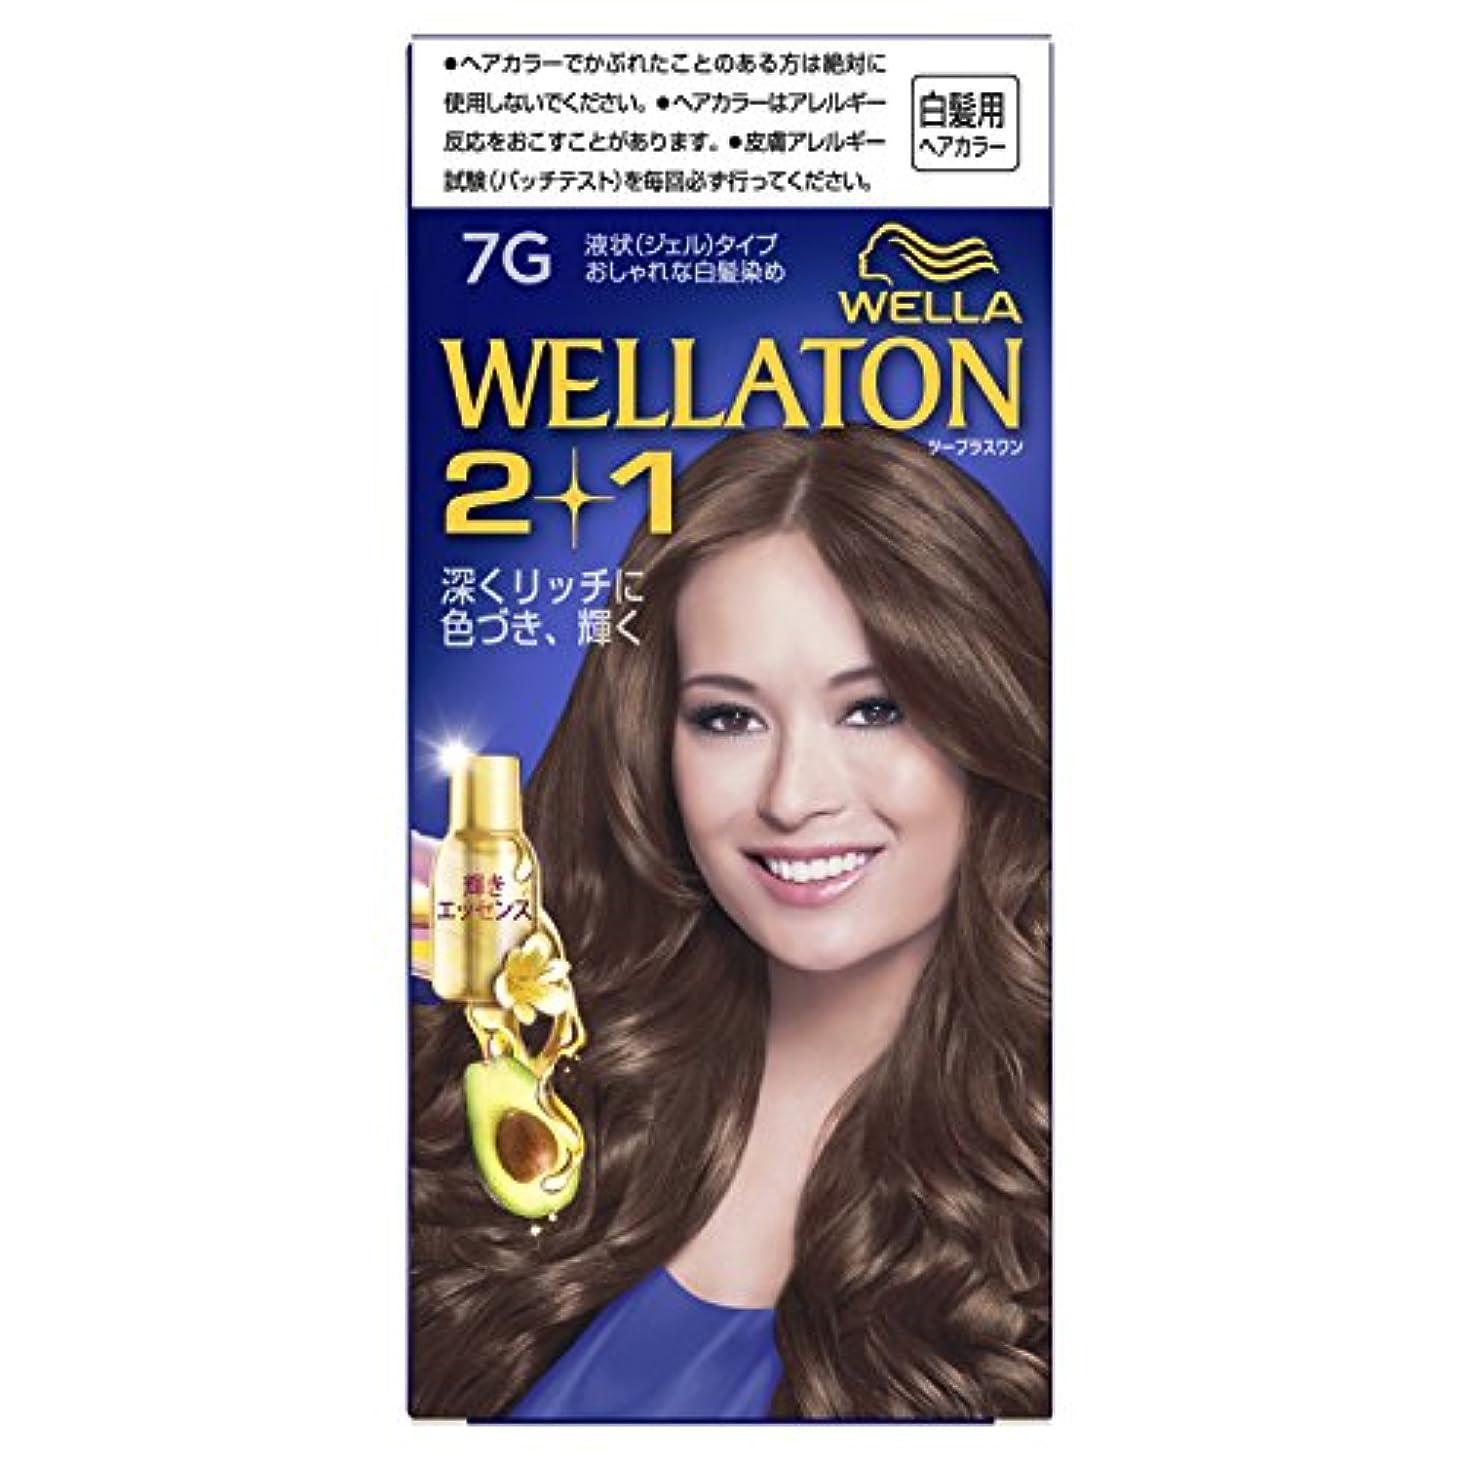 愛するリーンクラシックウエラトーン2+1 液状タイプ 7G [医薬部外品](おしゃれな白髪染め)